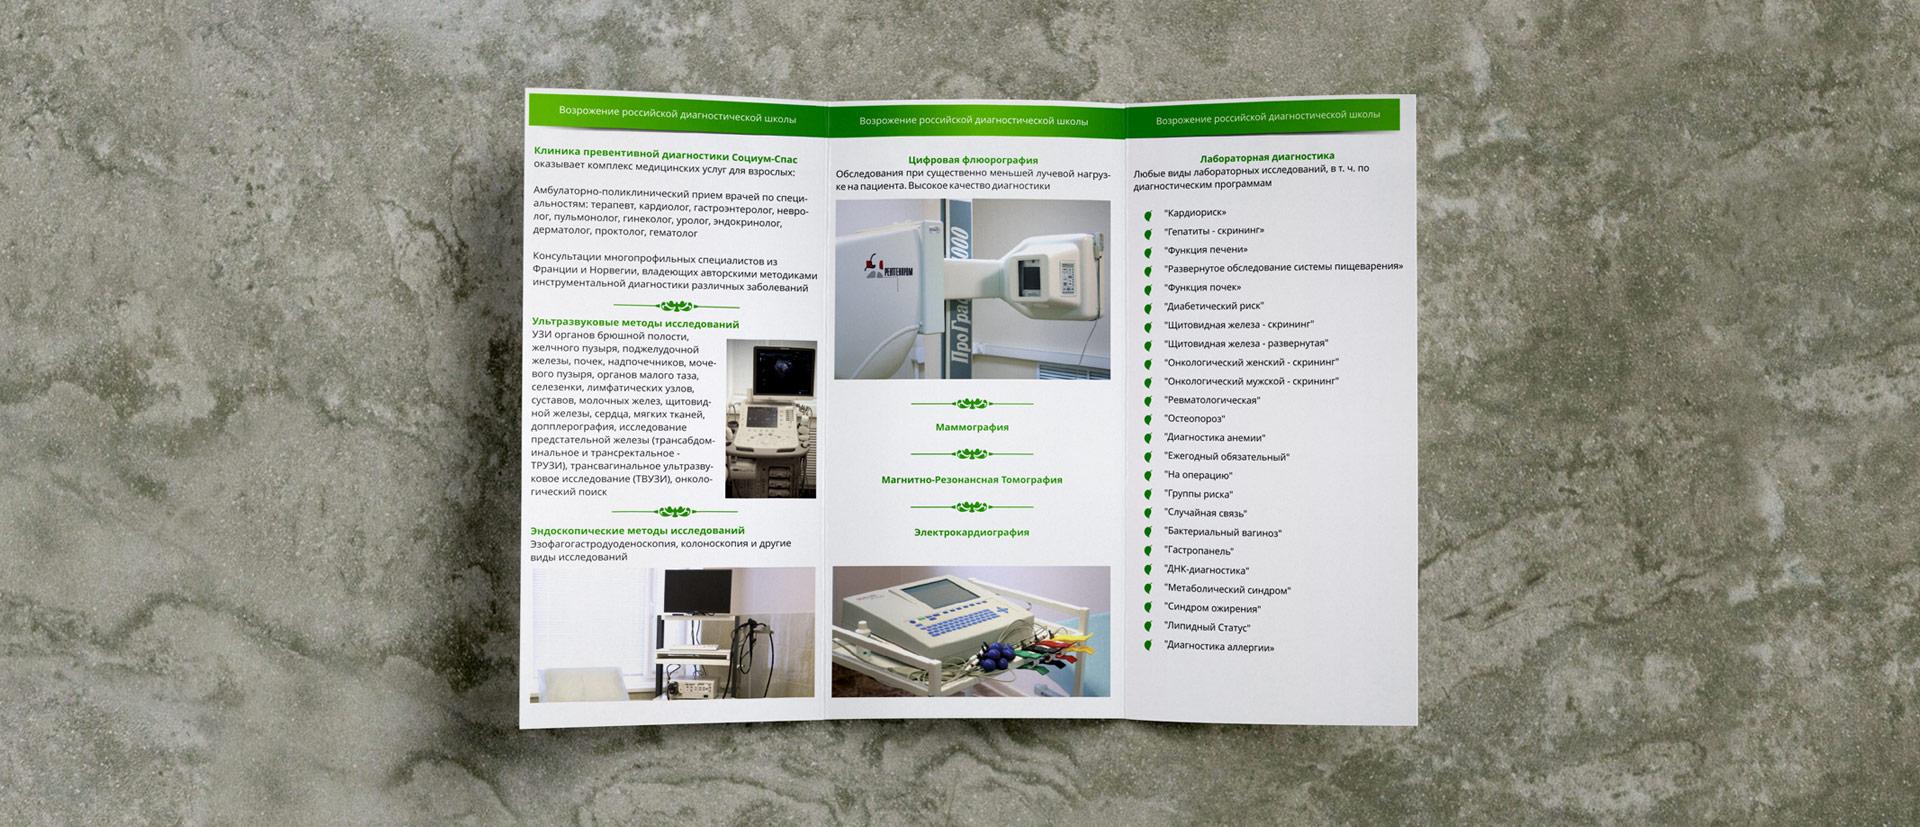 Социум-Спас-дизайн-рекламных-материалов